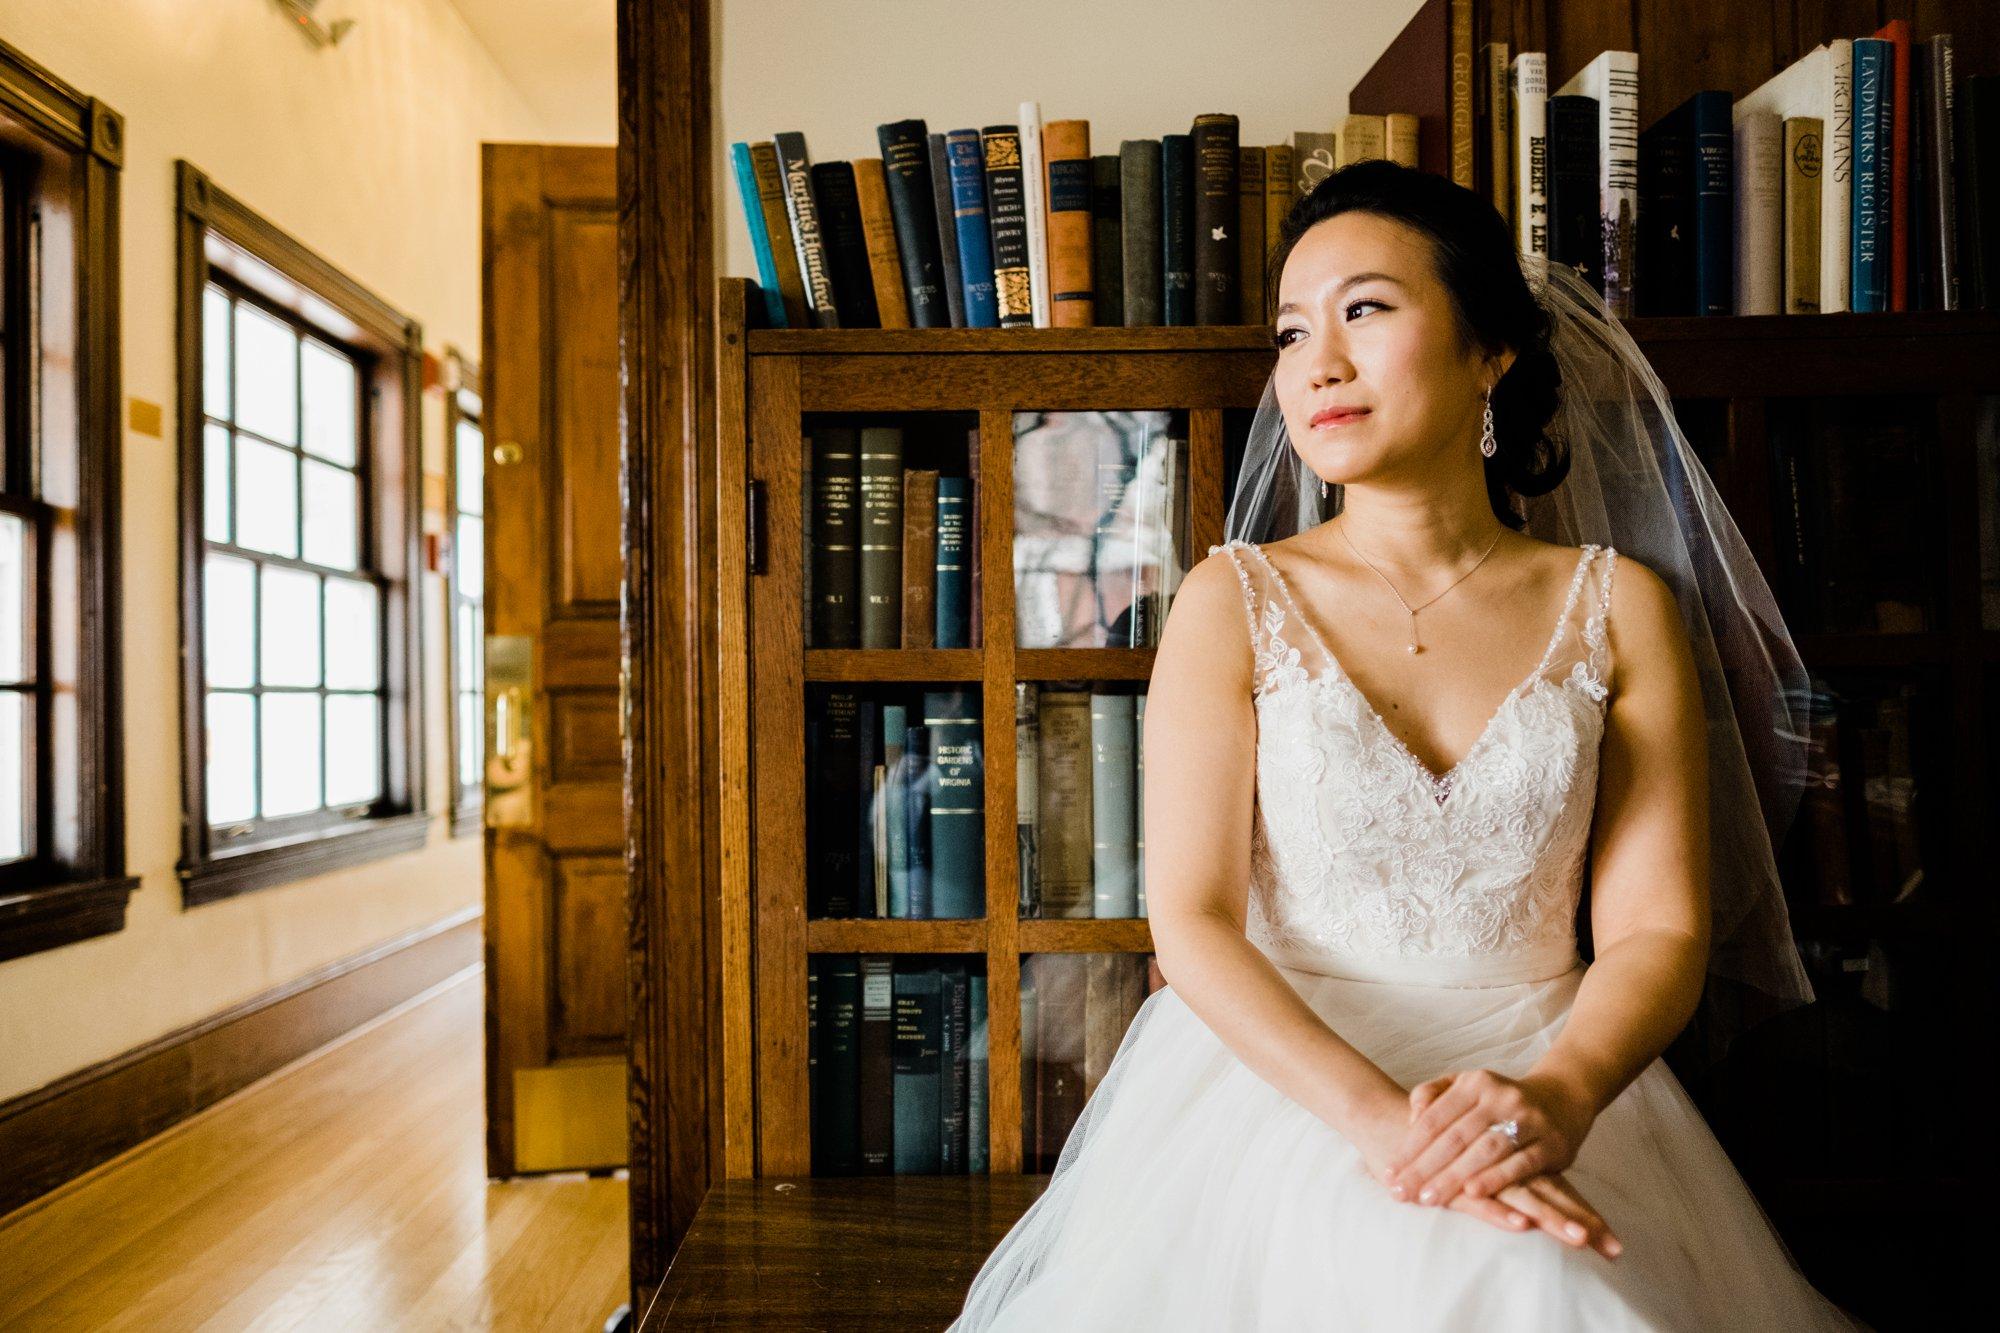 fairfax-dc-wedding-old-city-hall_0069.jpg